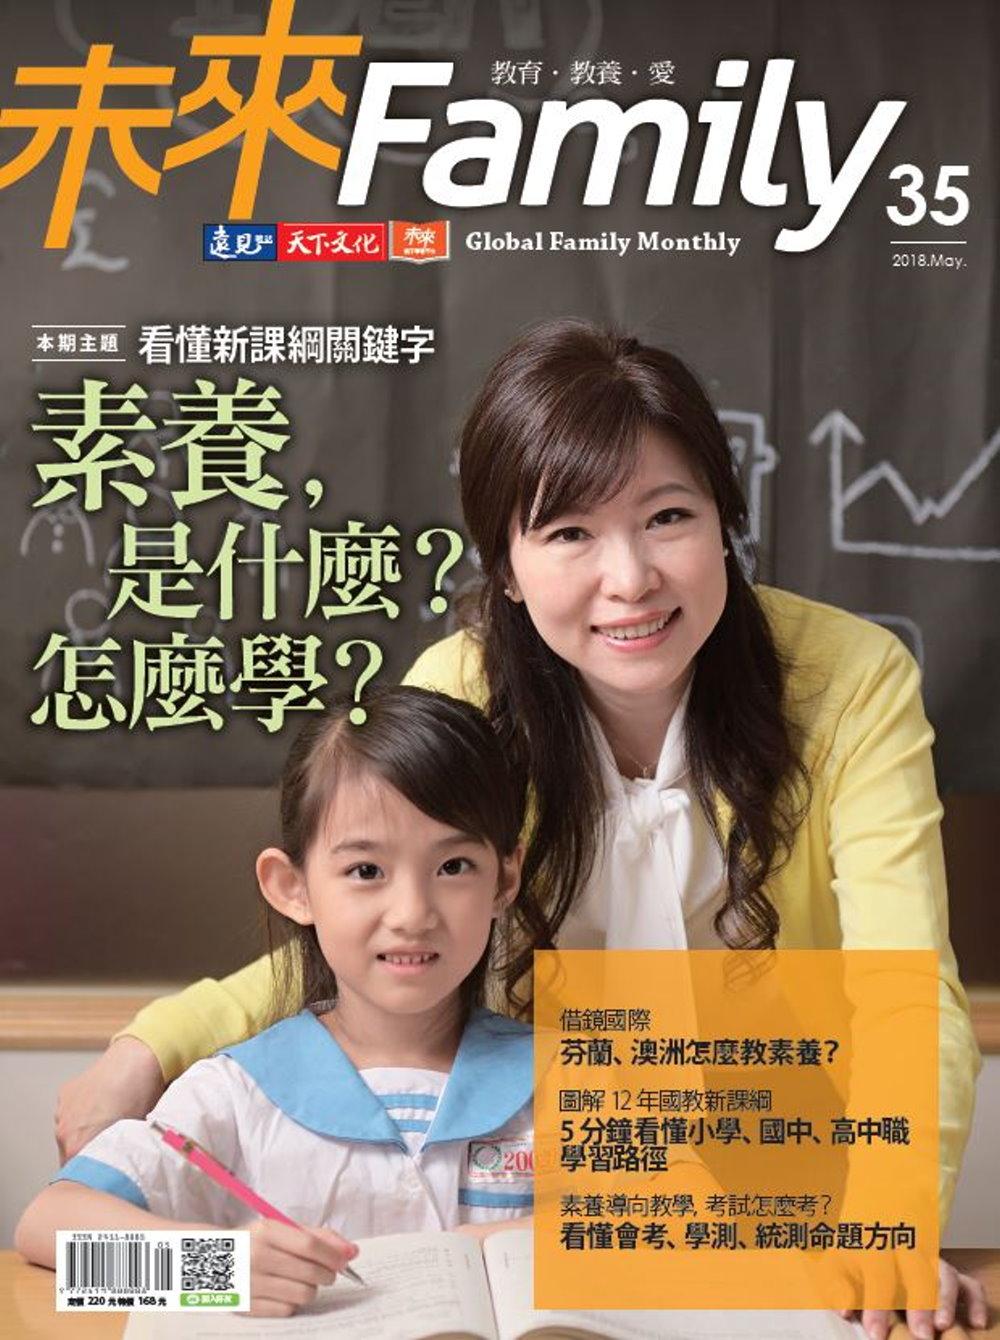 未來Family 5月號/2018 第35期